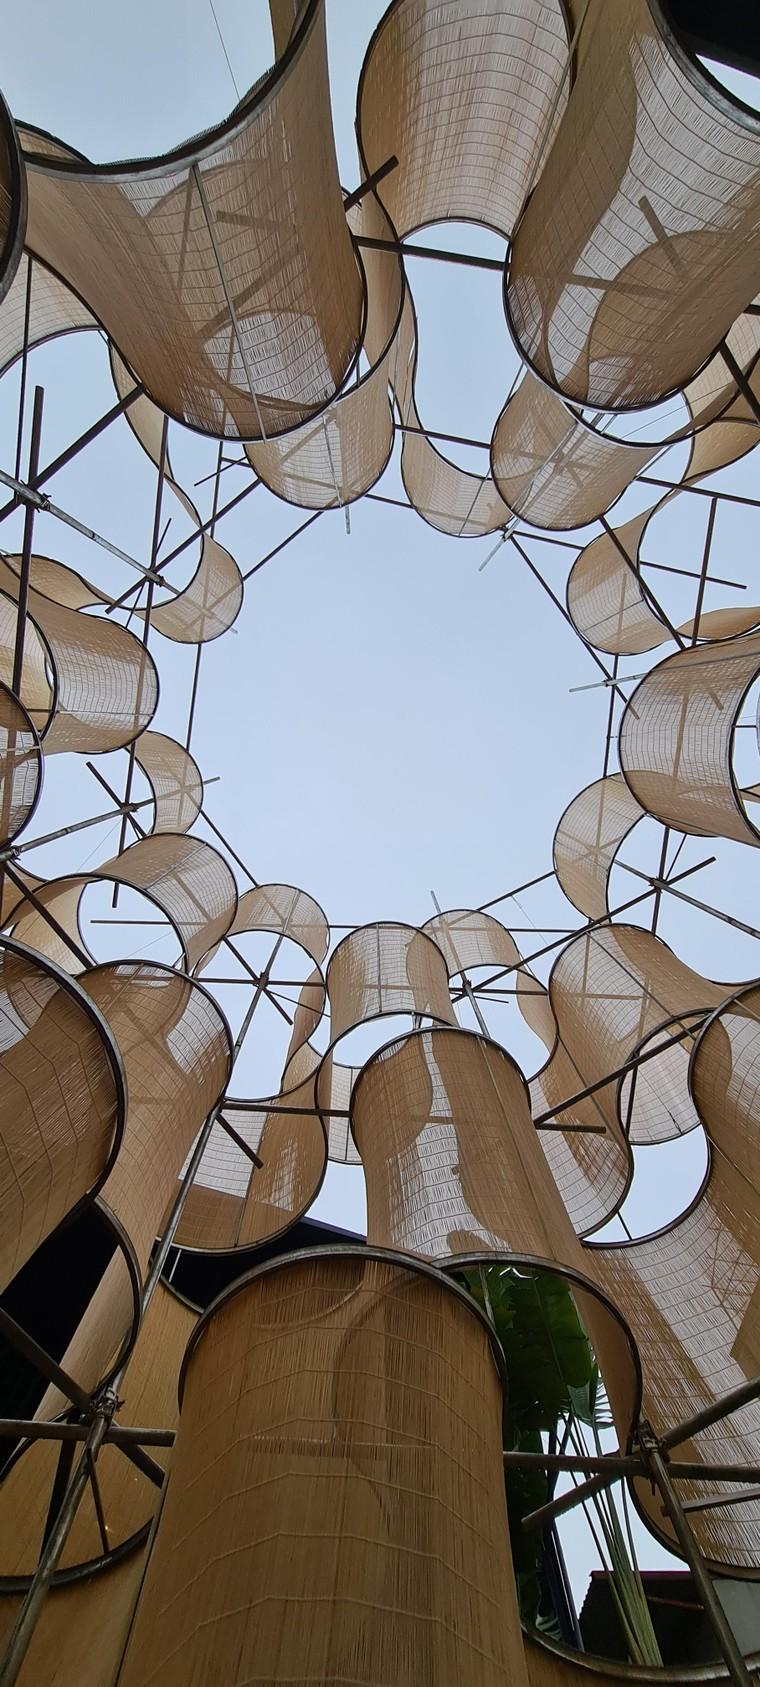 Gặp nhau ở LỘ, con đường của ánh sáng, nghệ thuật và kiến trúc giao hòa ảnh 6